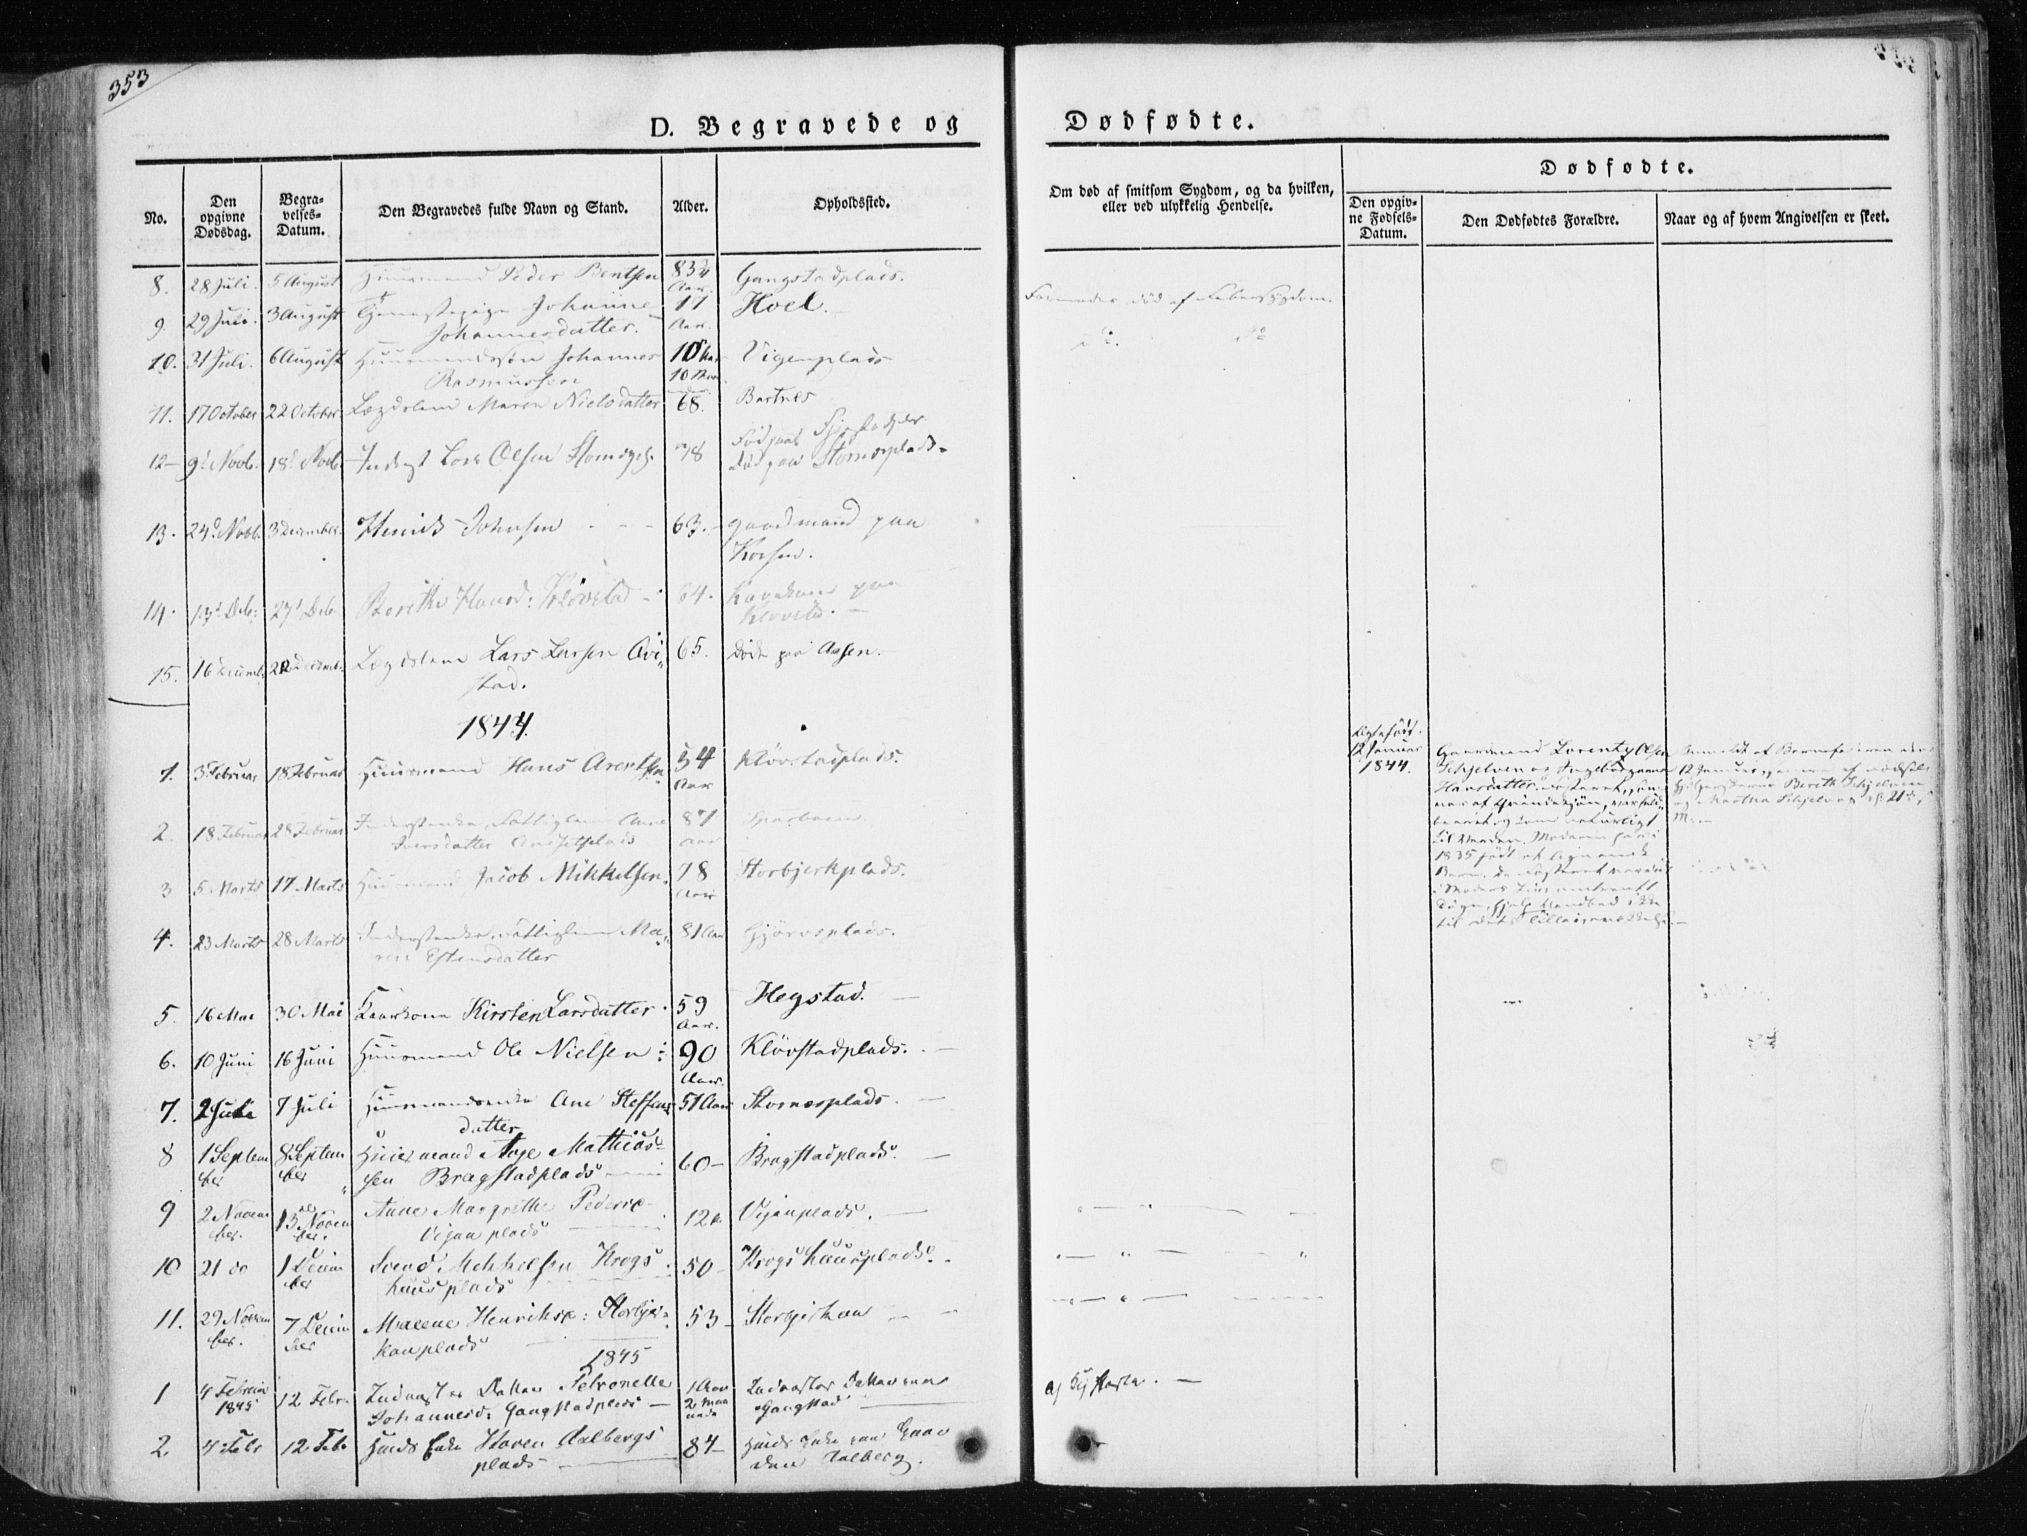 SAT, Ministerialprotokoller, klokkerbøker og fødselsregistre - Nord-Trøndelag, 730/L0280: Ministerialbok nr. 730A07 /3, 1840-1854, s. 353